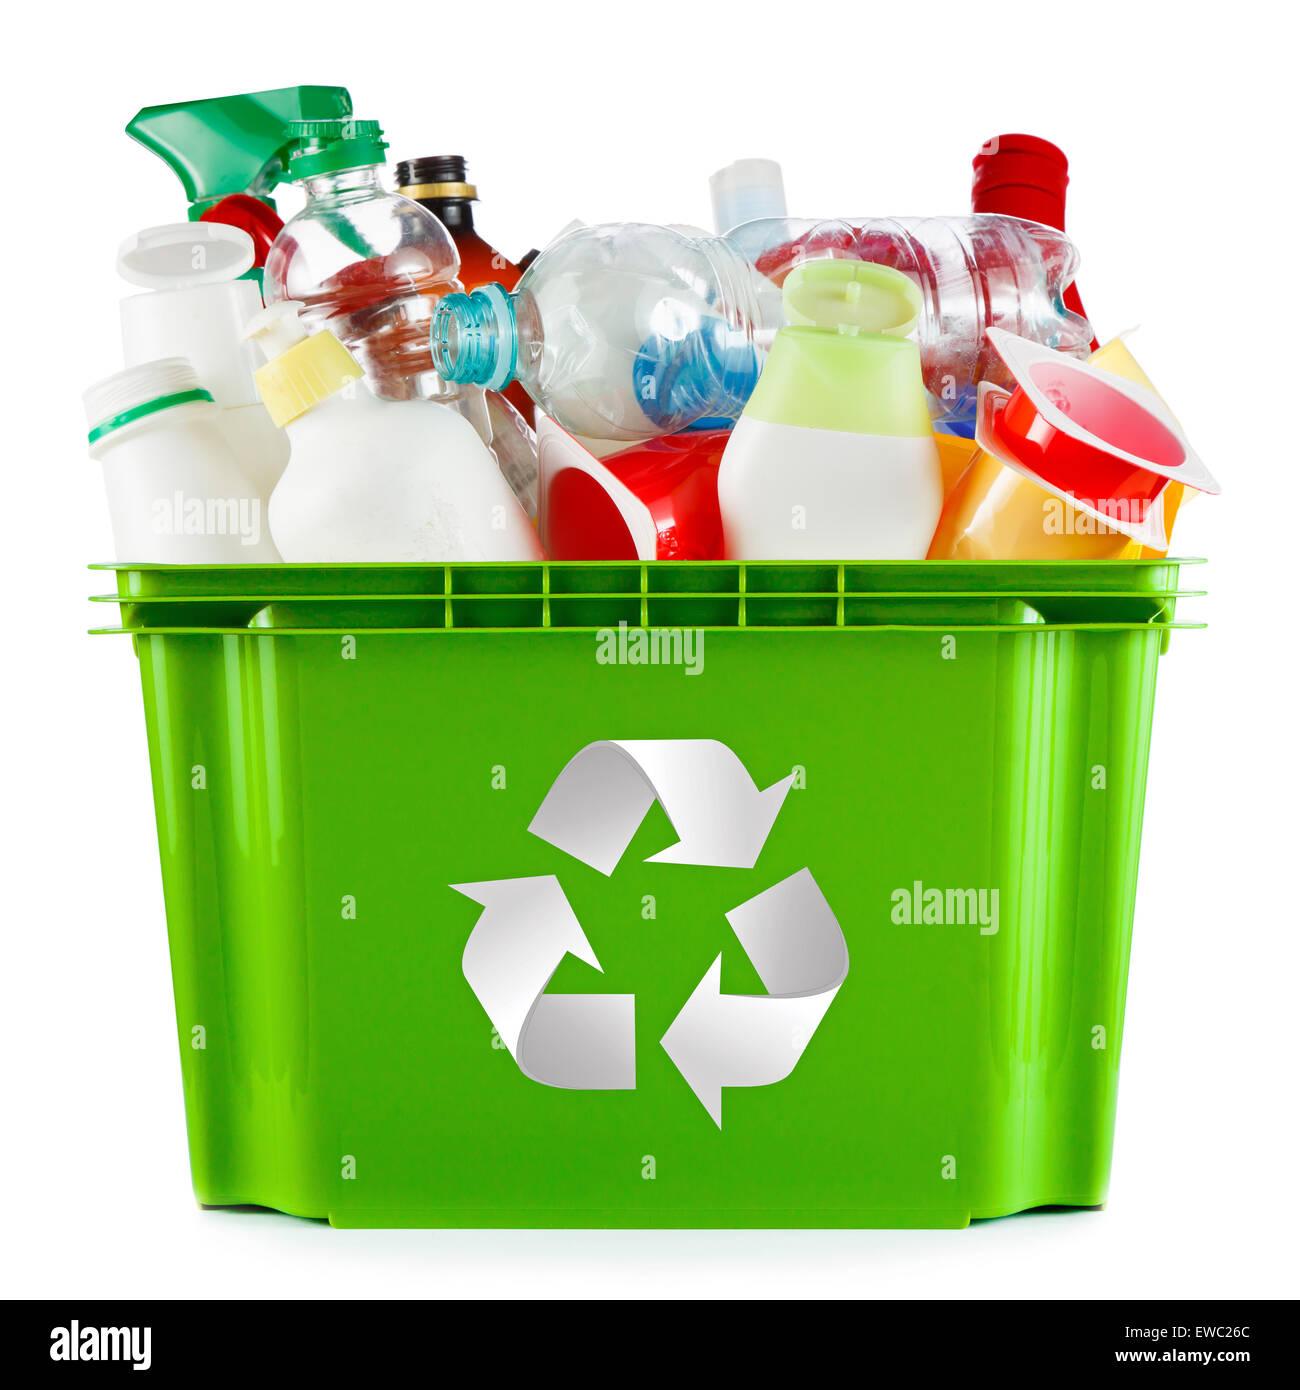 Concept de recyclage - bin plein de bouteilles et contenants de plastique vides Photo Stock